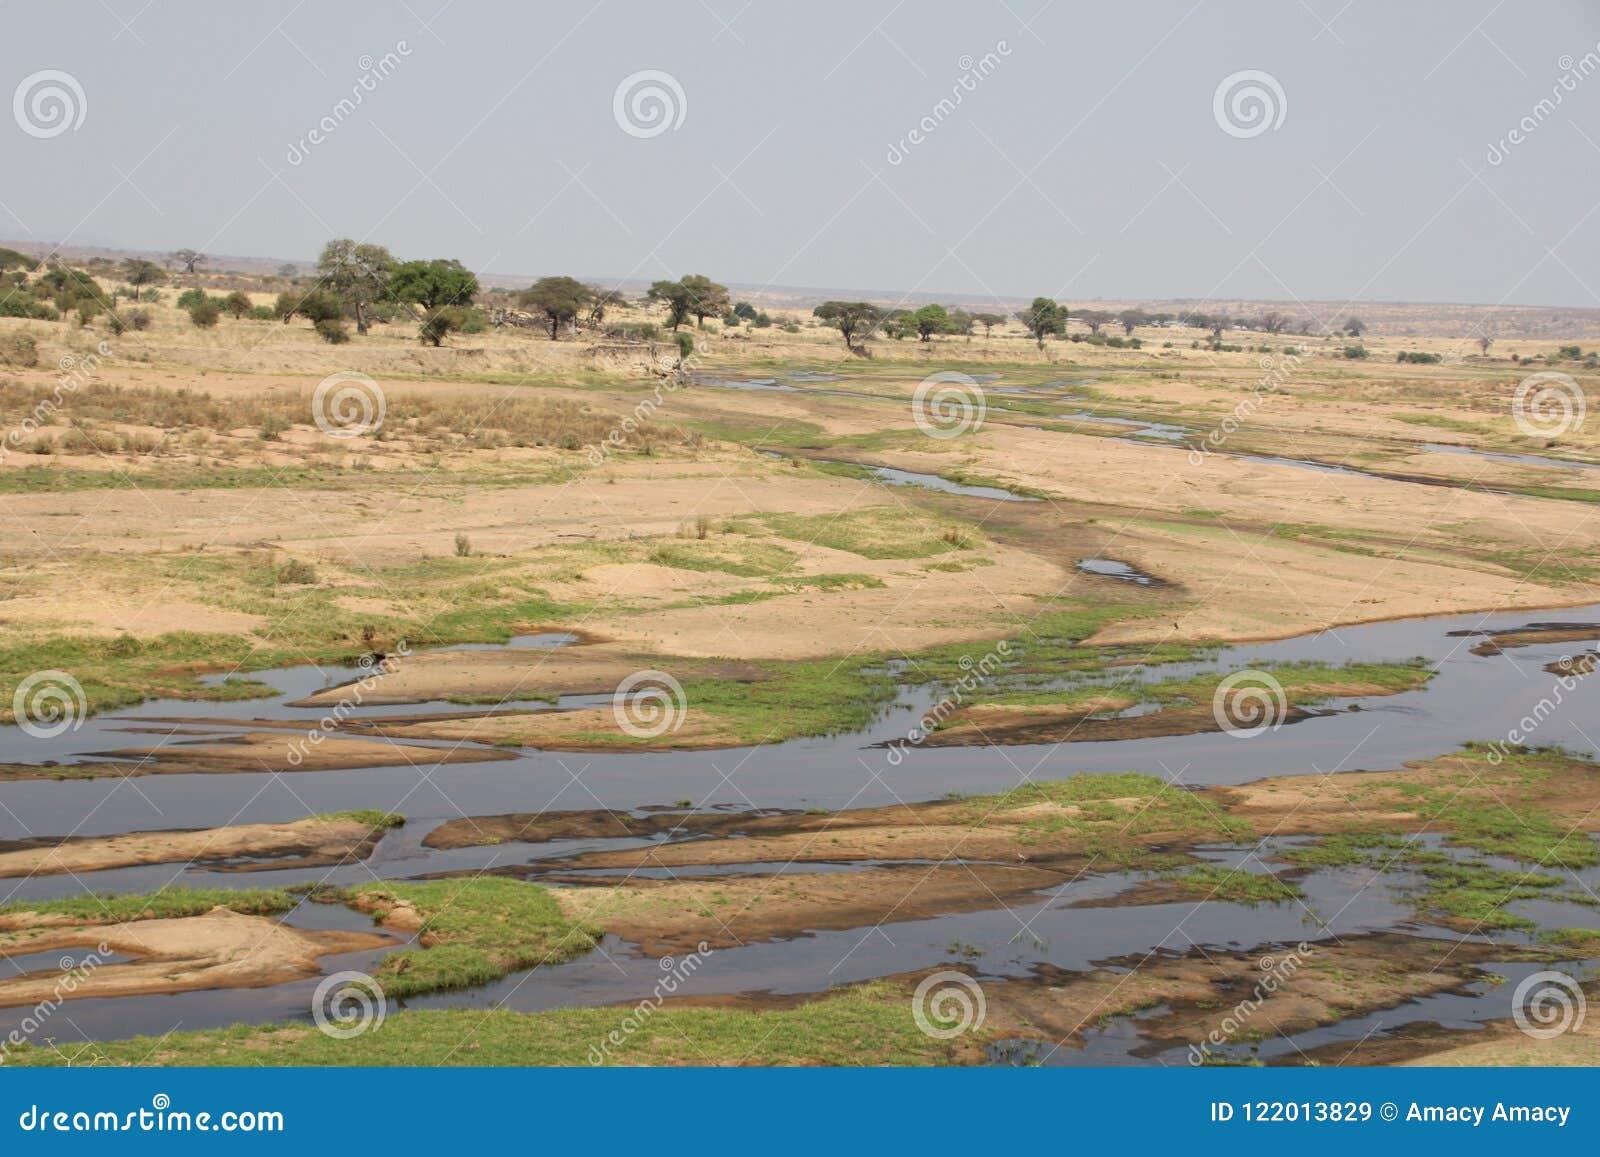 Beautifully view of ruaha river at ruaha national park